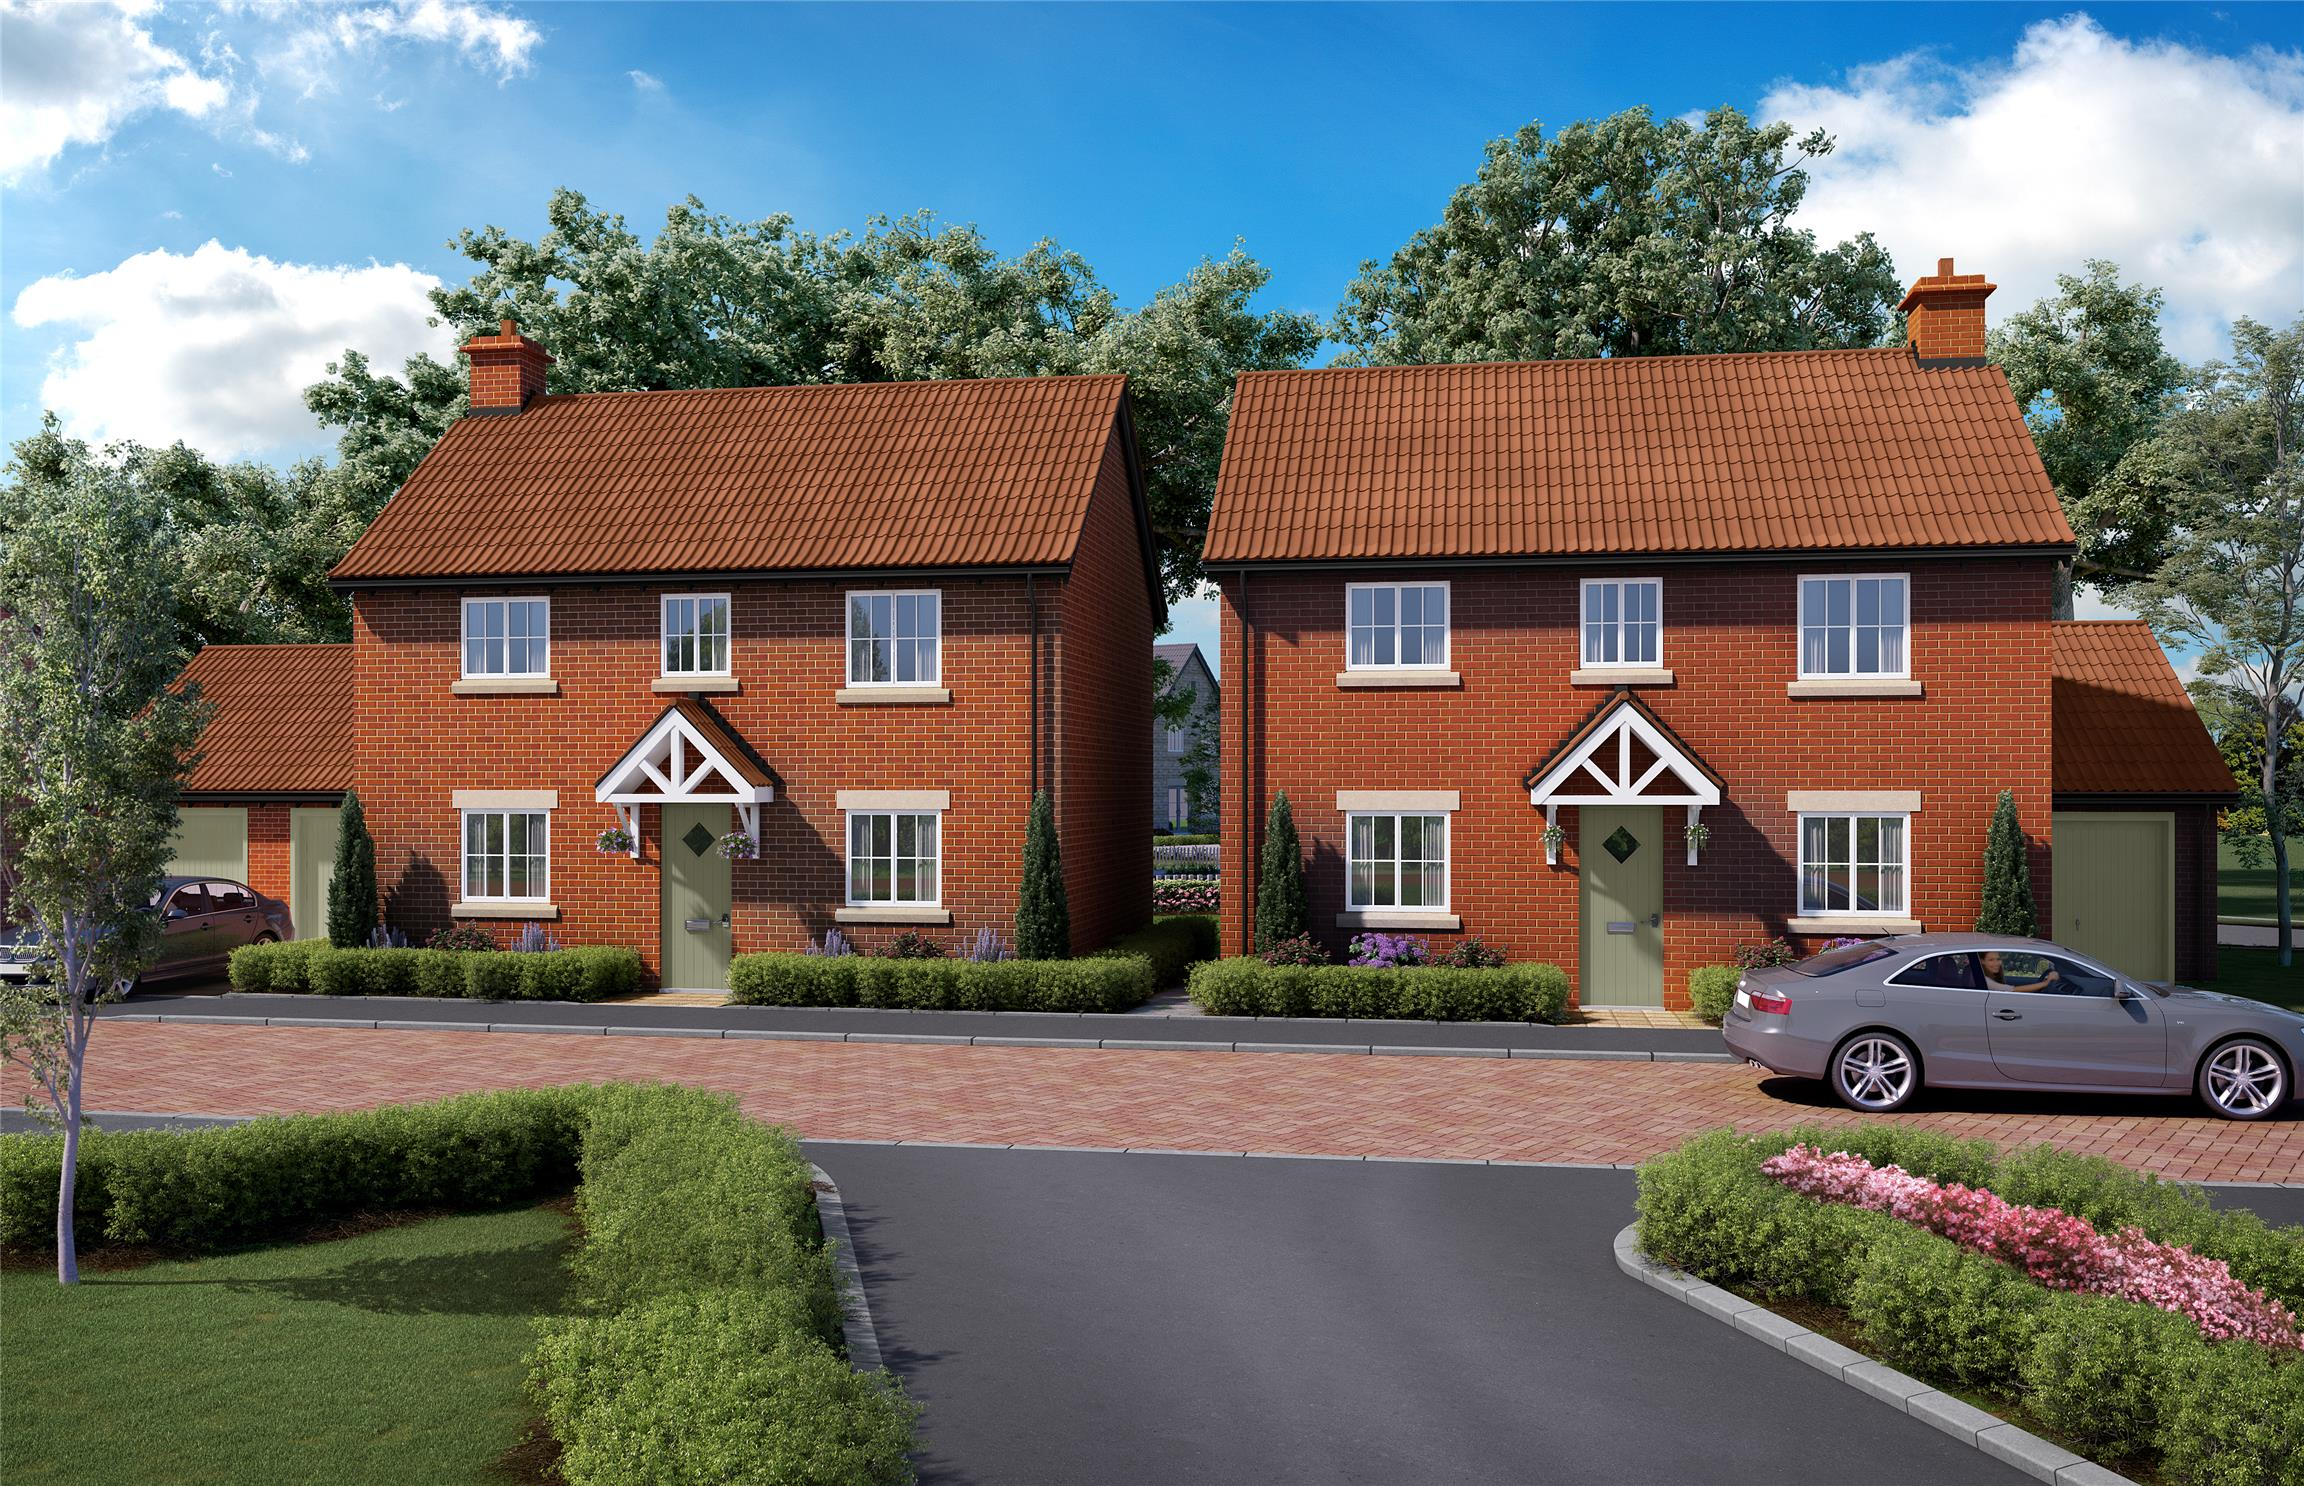 Plot 2, The Kington, Harford Place, Rangeworthy BS37